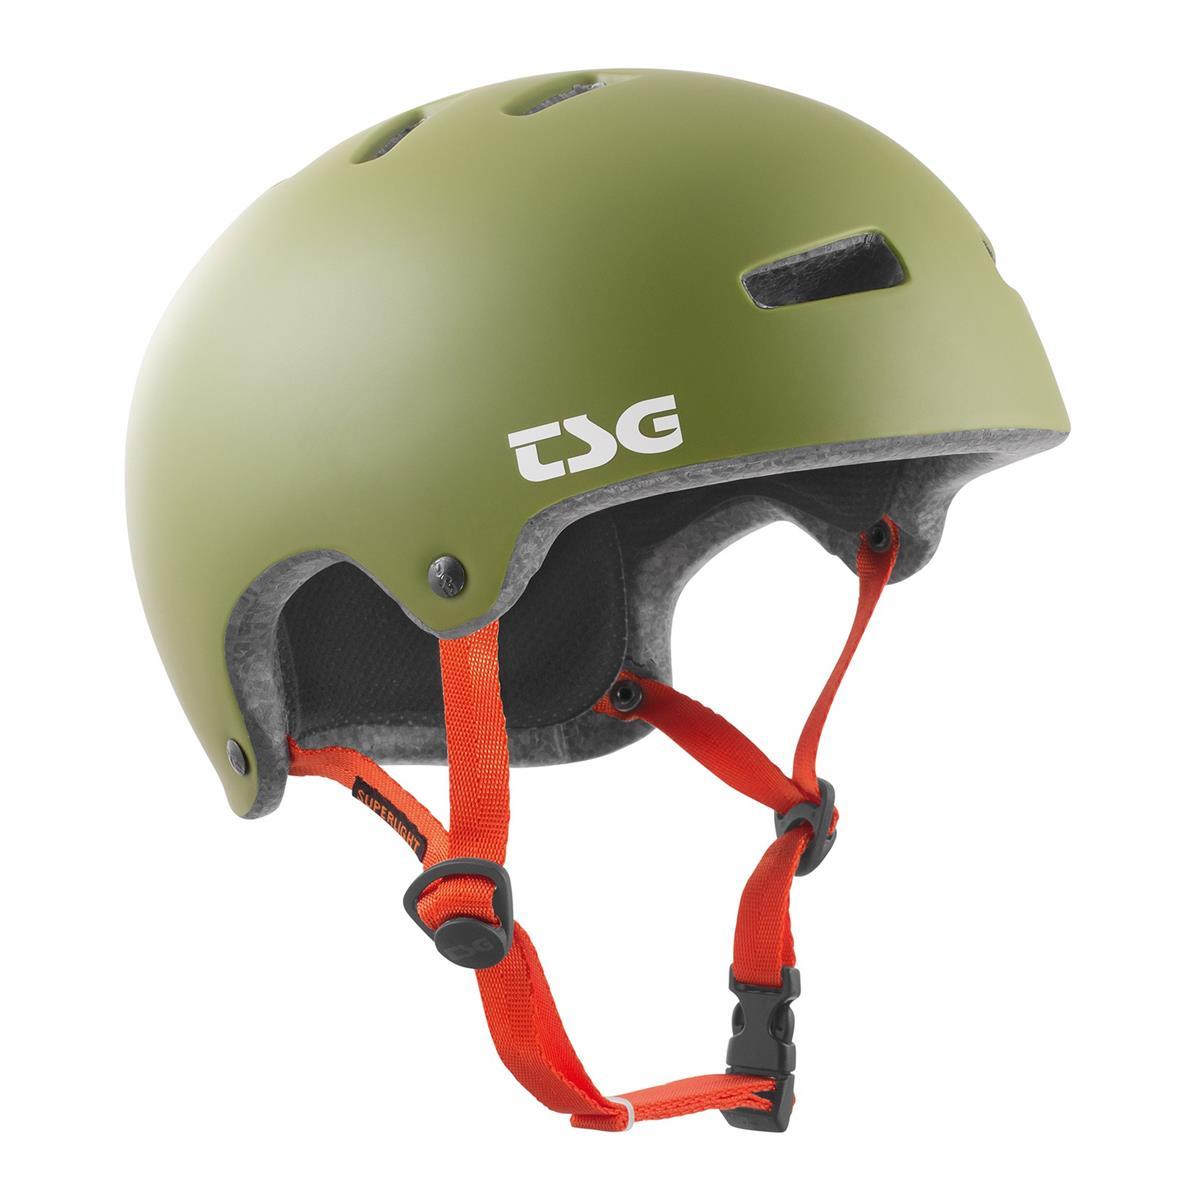 TSG BMX/Dirt Helm Superlight Solid Color - Satin Olive